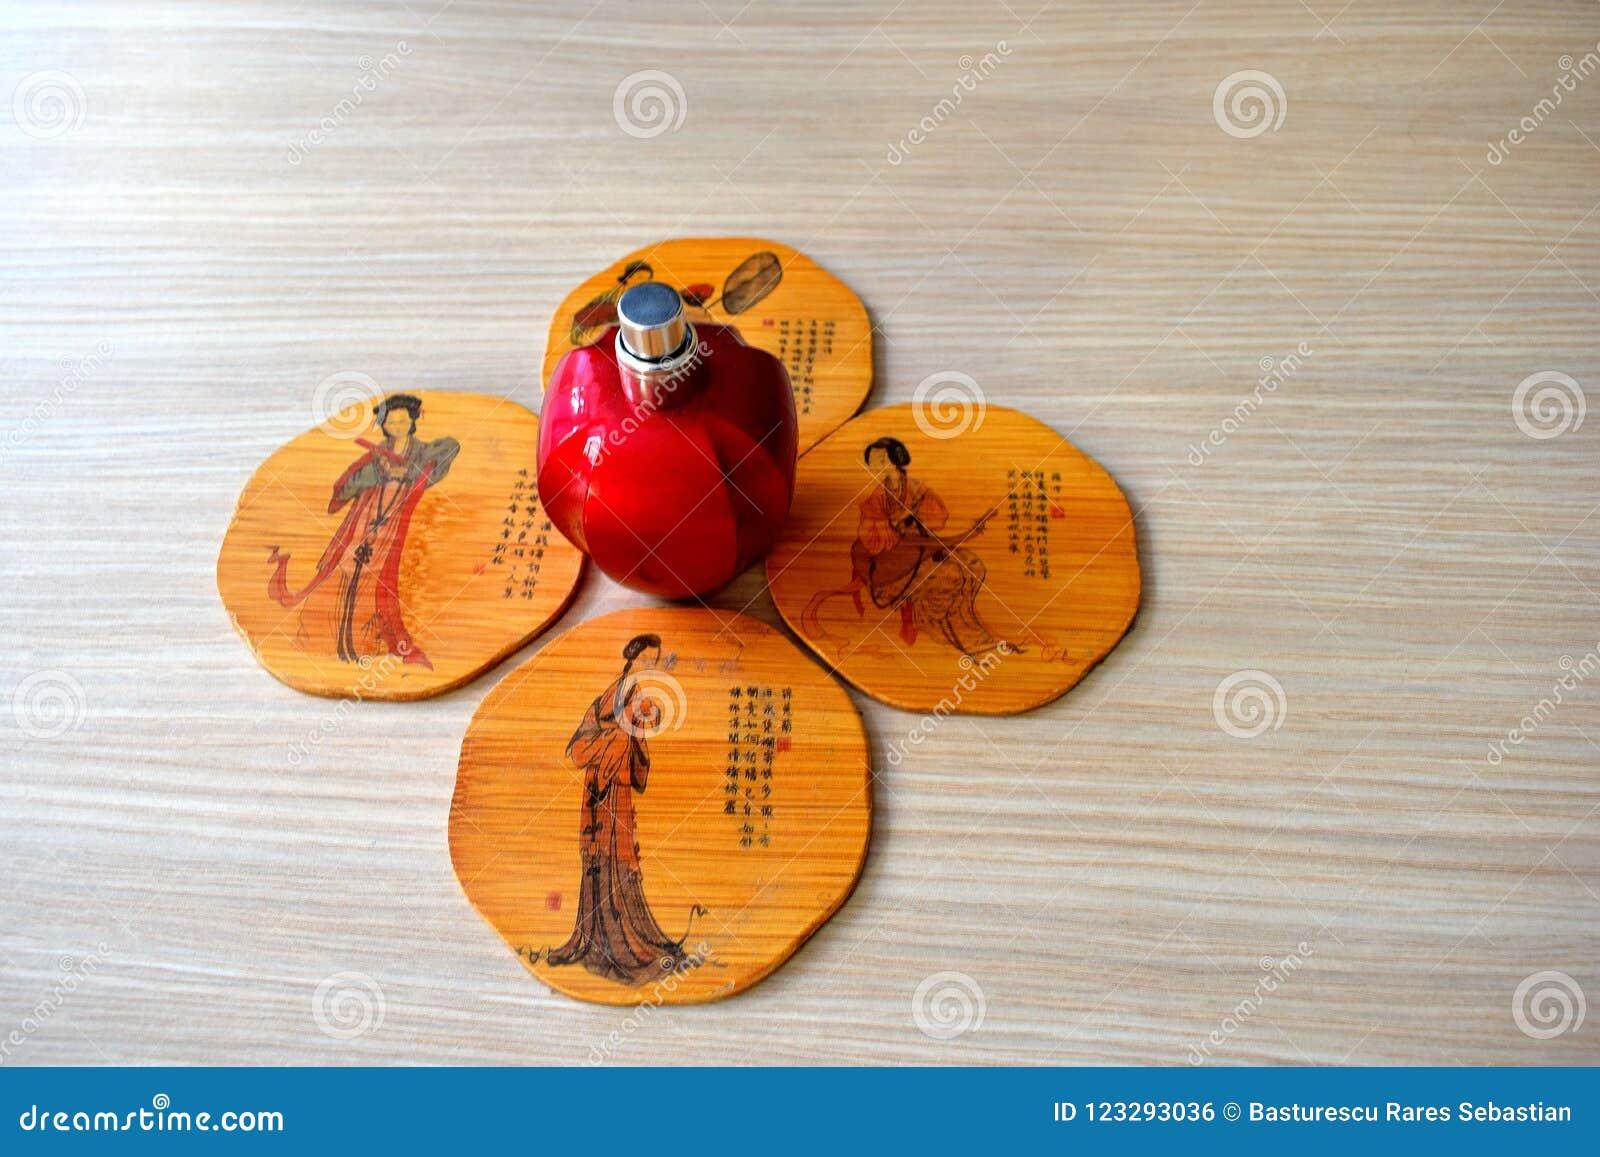 Hållare för kopp te fyra från bambus och en röd flaska av parfume i mitt